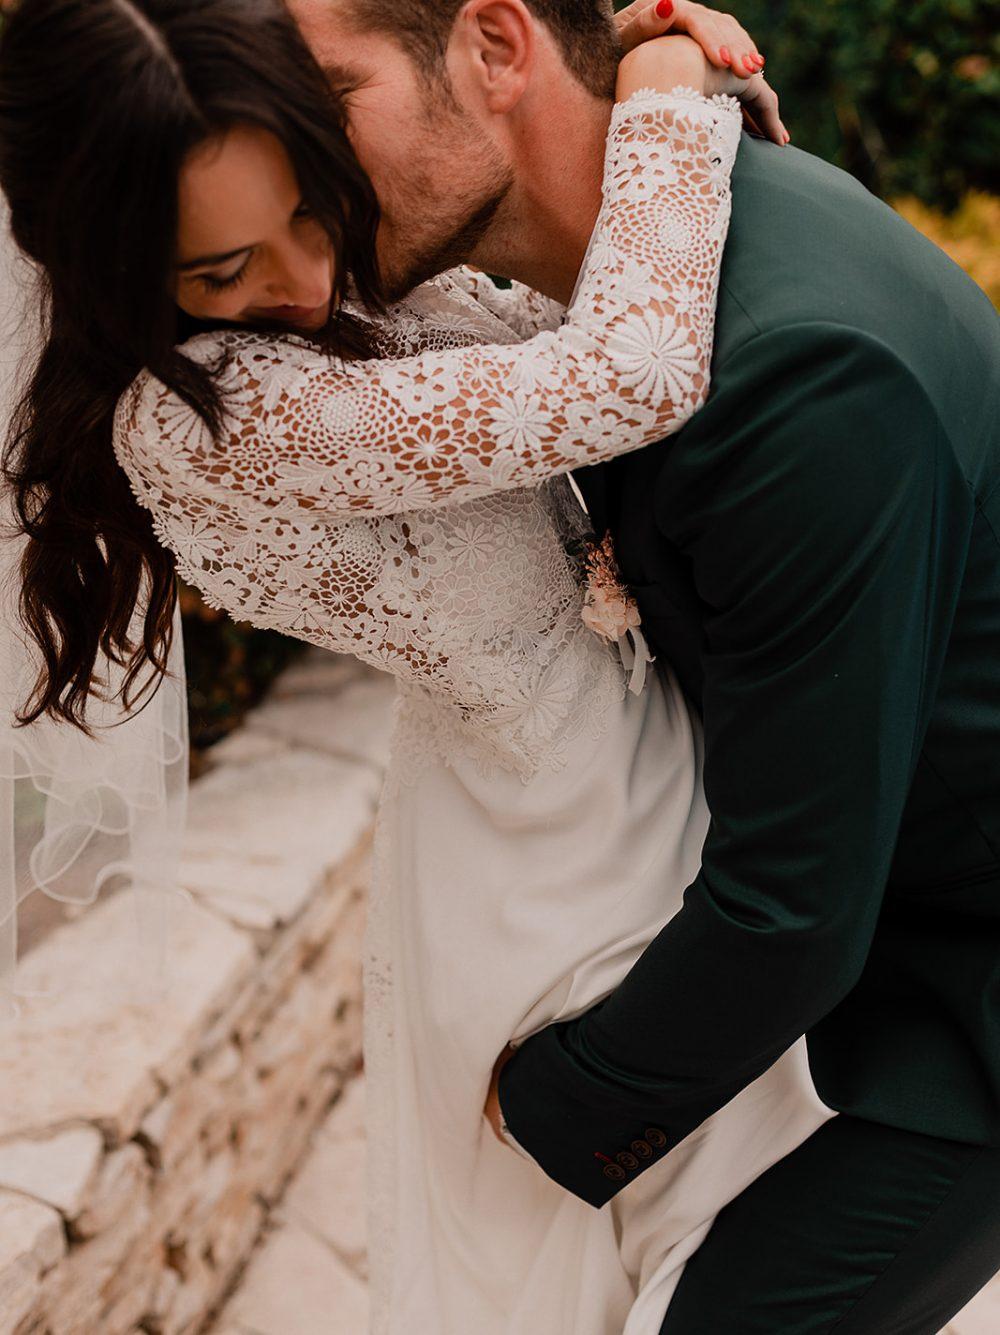 Photo du Mariage de Sylvain & Virginie - Photos de couple